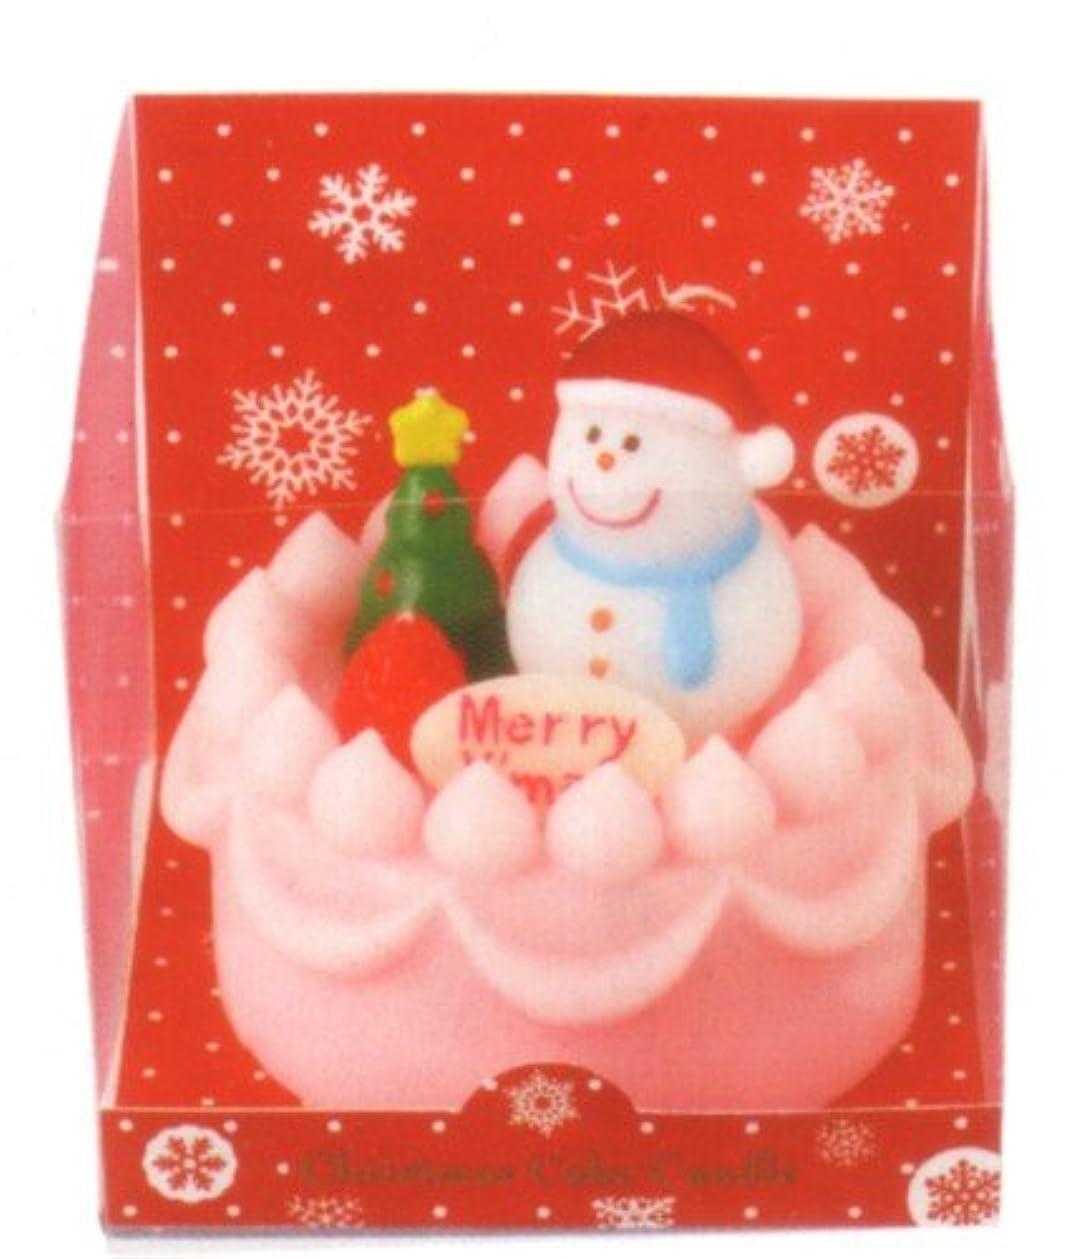 強化どこにでも千クリスマスデコケーキキャンドル スノーマン